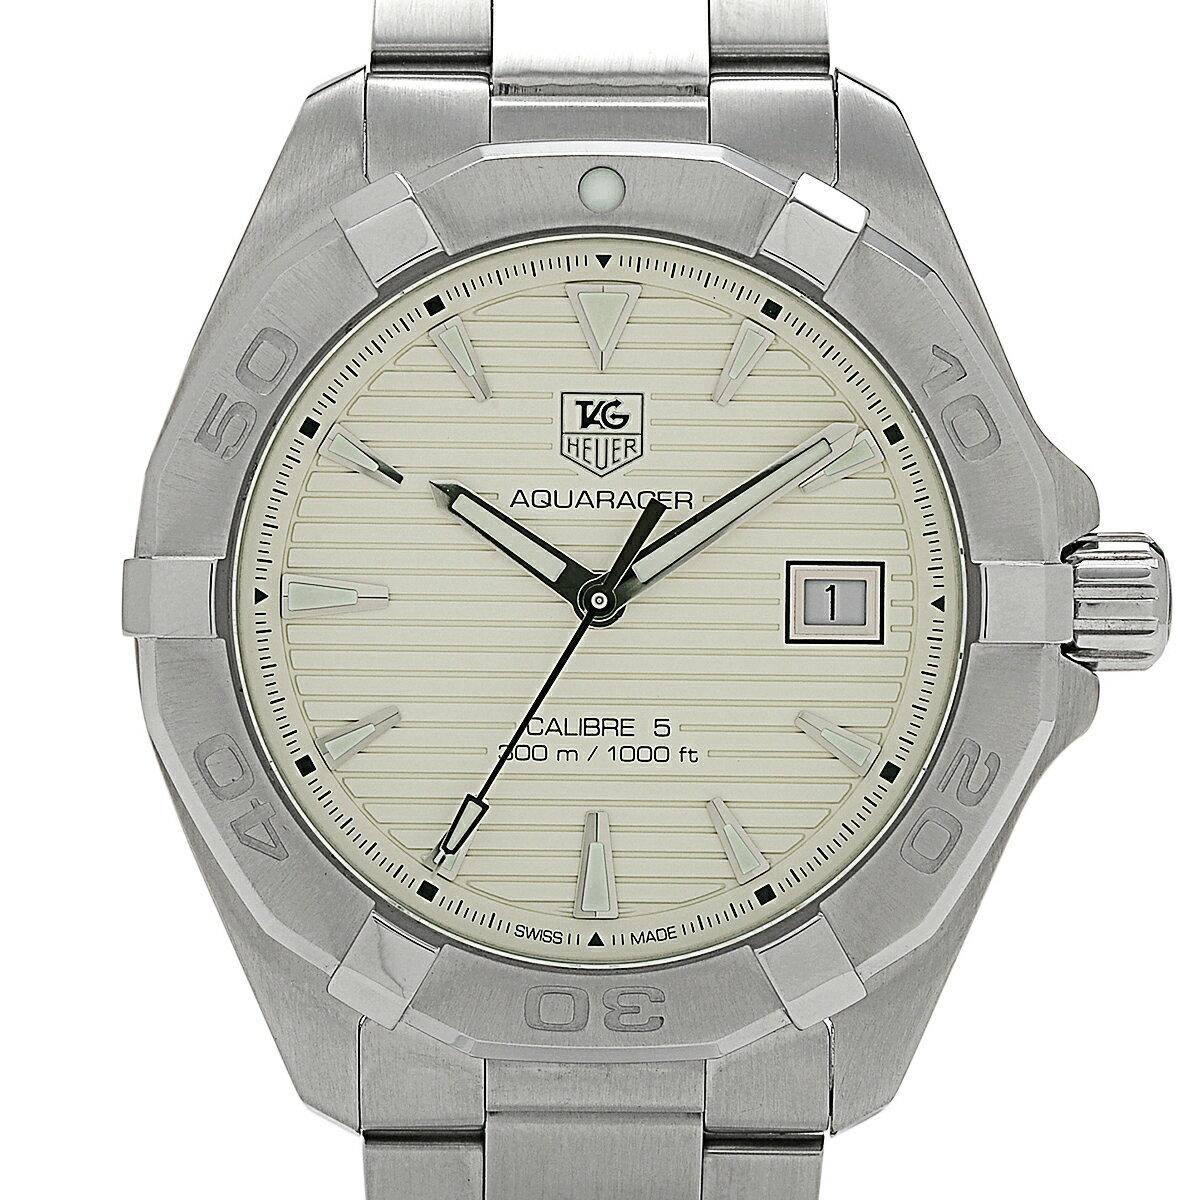 腕時計, メンズ腕時計  TAG HEUER 5 WAY2111 SS